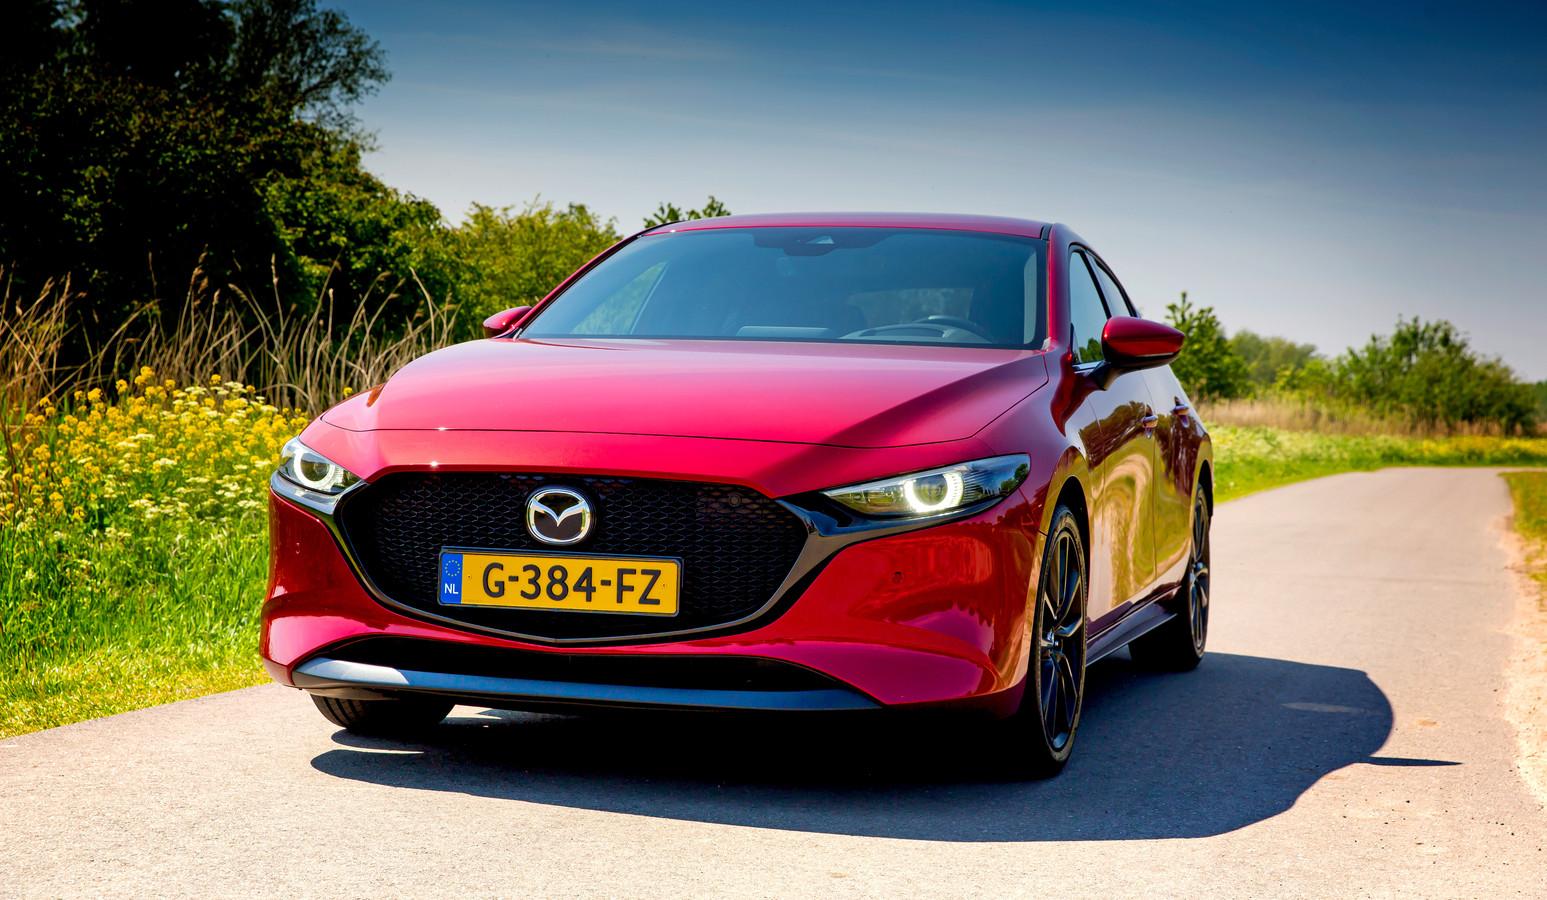 De Mazda 3 Skyactiv-X heeft een benzinemotor die ongeveer werkt als een dieselmotor.